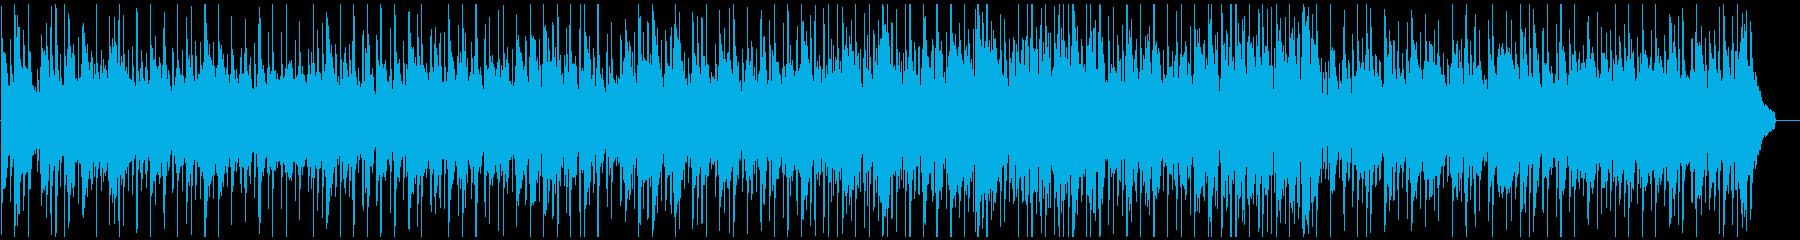 ほのぼのとしたカントリーワルツの再生済みの波形